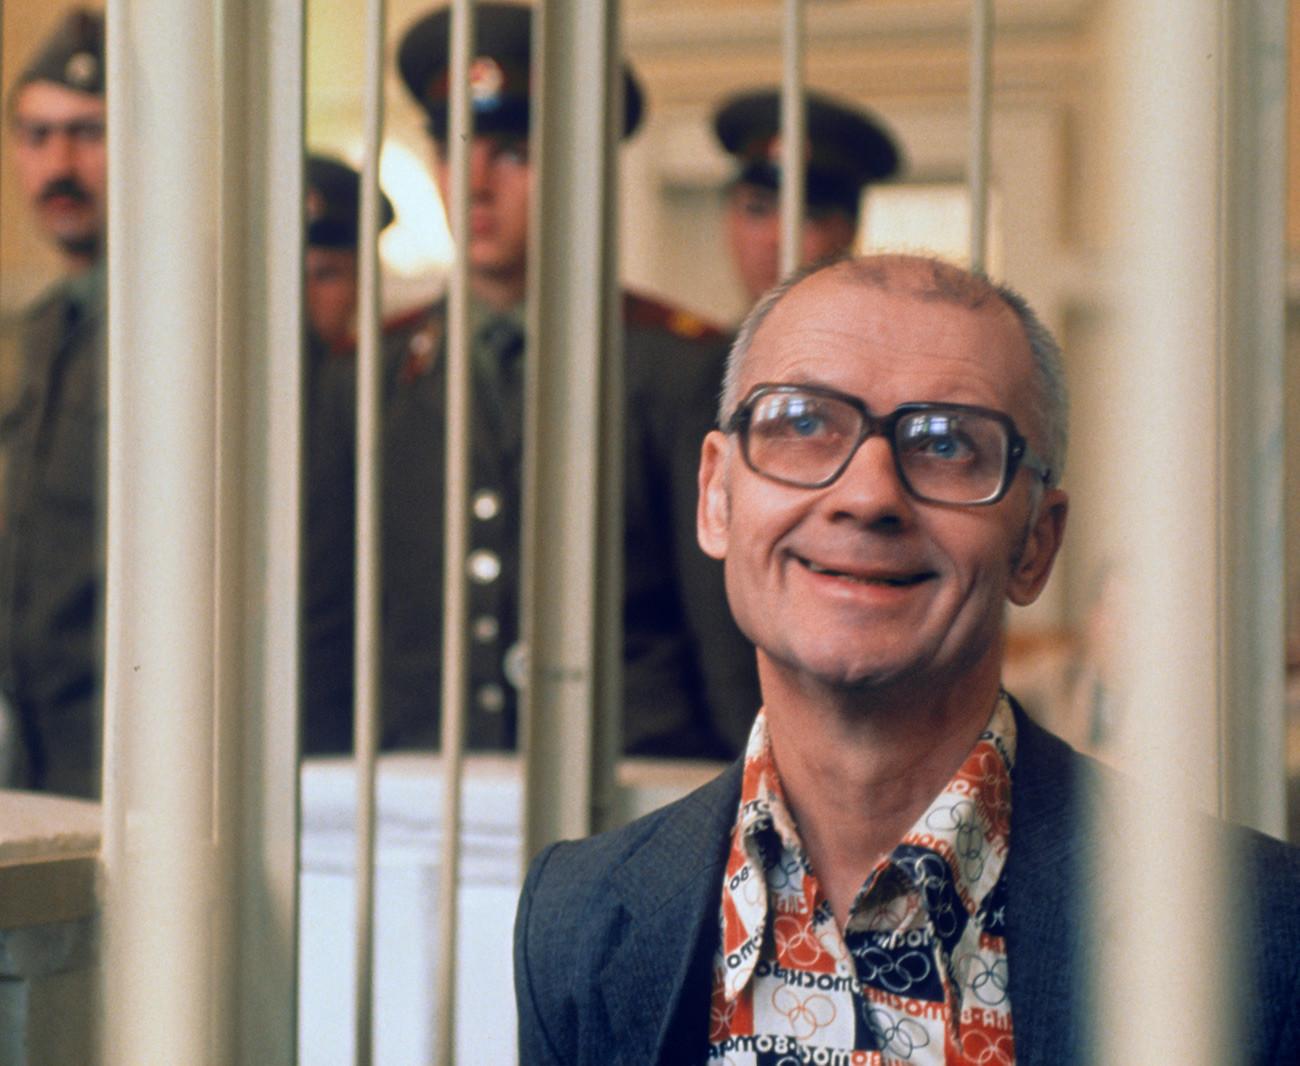 Andrei Tschikatilo. Von 1982 bis 1990 ermordete und vergewaltigte er brutal über 50 Kinder und junge Frauen. Er wurde 1994 nach einem zweijährigen Prozess hingerichtet.